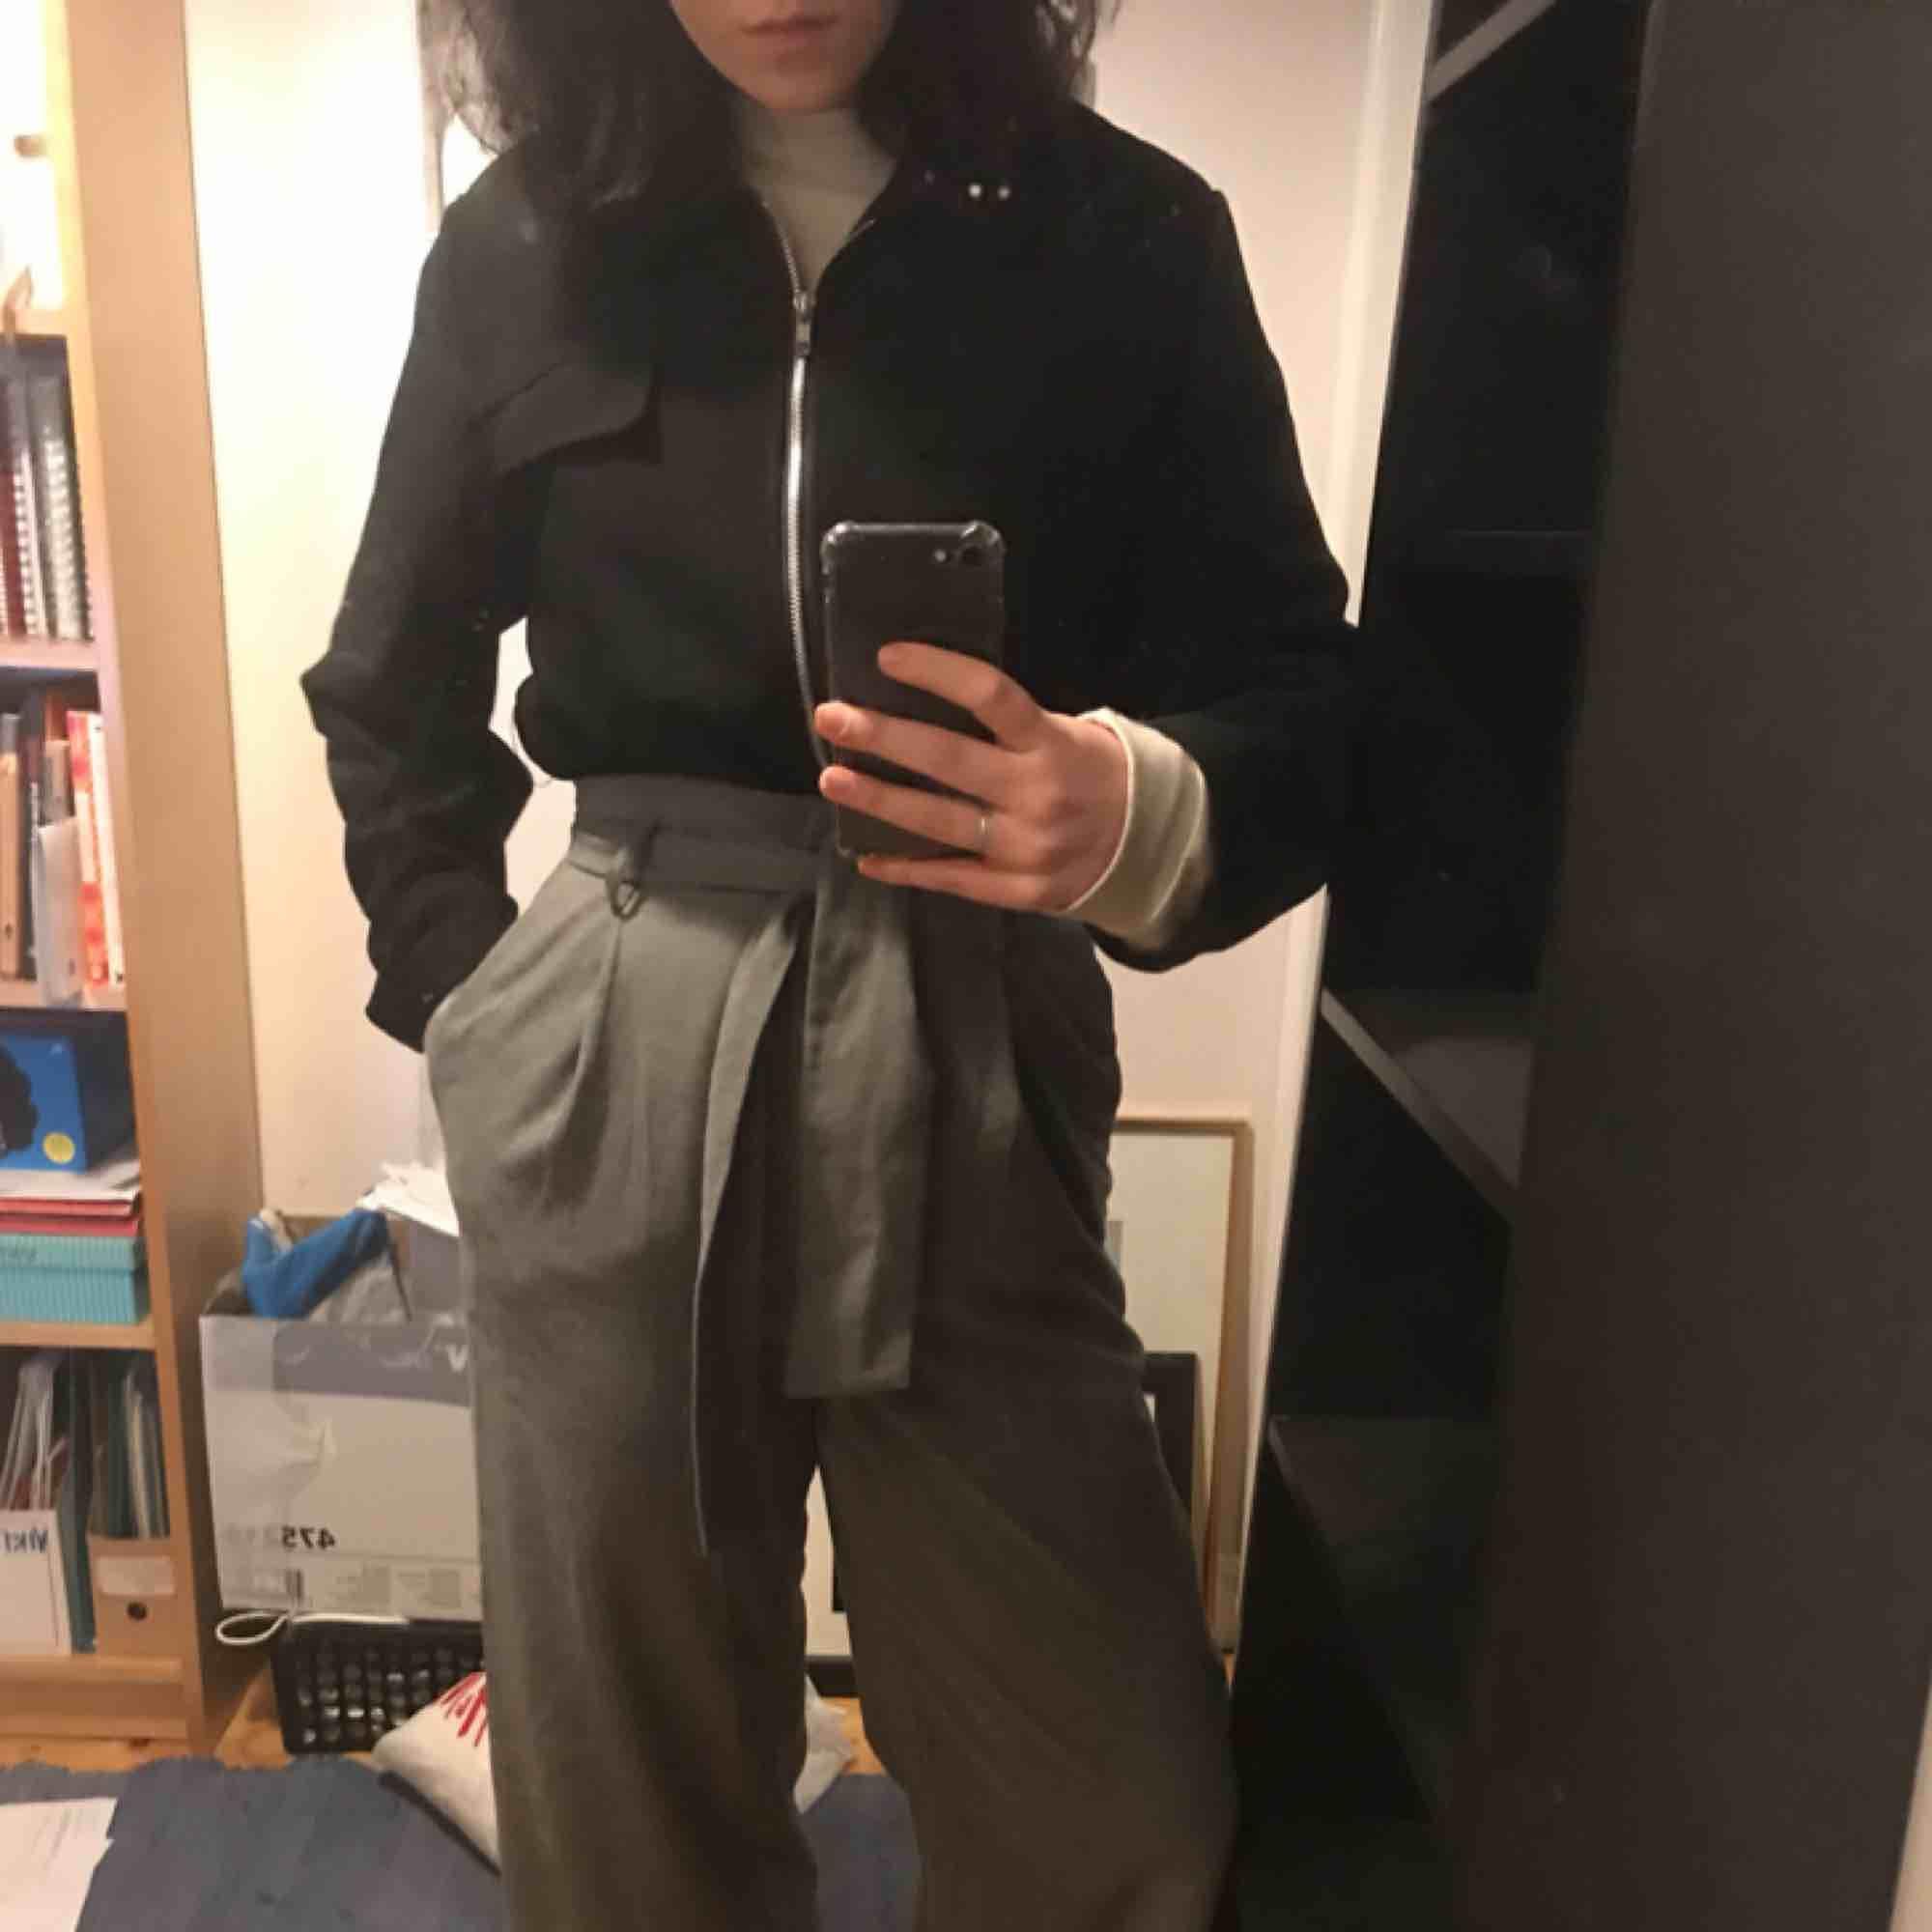 Fina vida byxor från h&m, nyskick (lite skrynkliga pga legat i en byrå långe). Går att ta av skärpet och använda ett annat. Köpare står för frakt :-)<3. Jeans & Byxor.